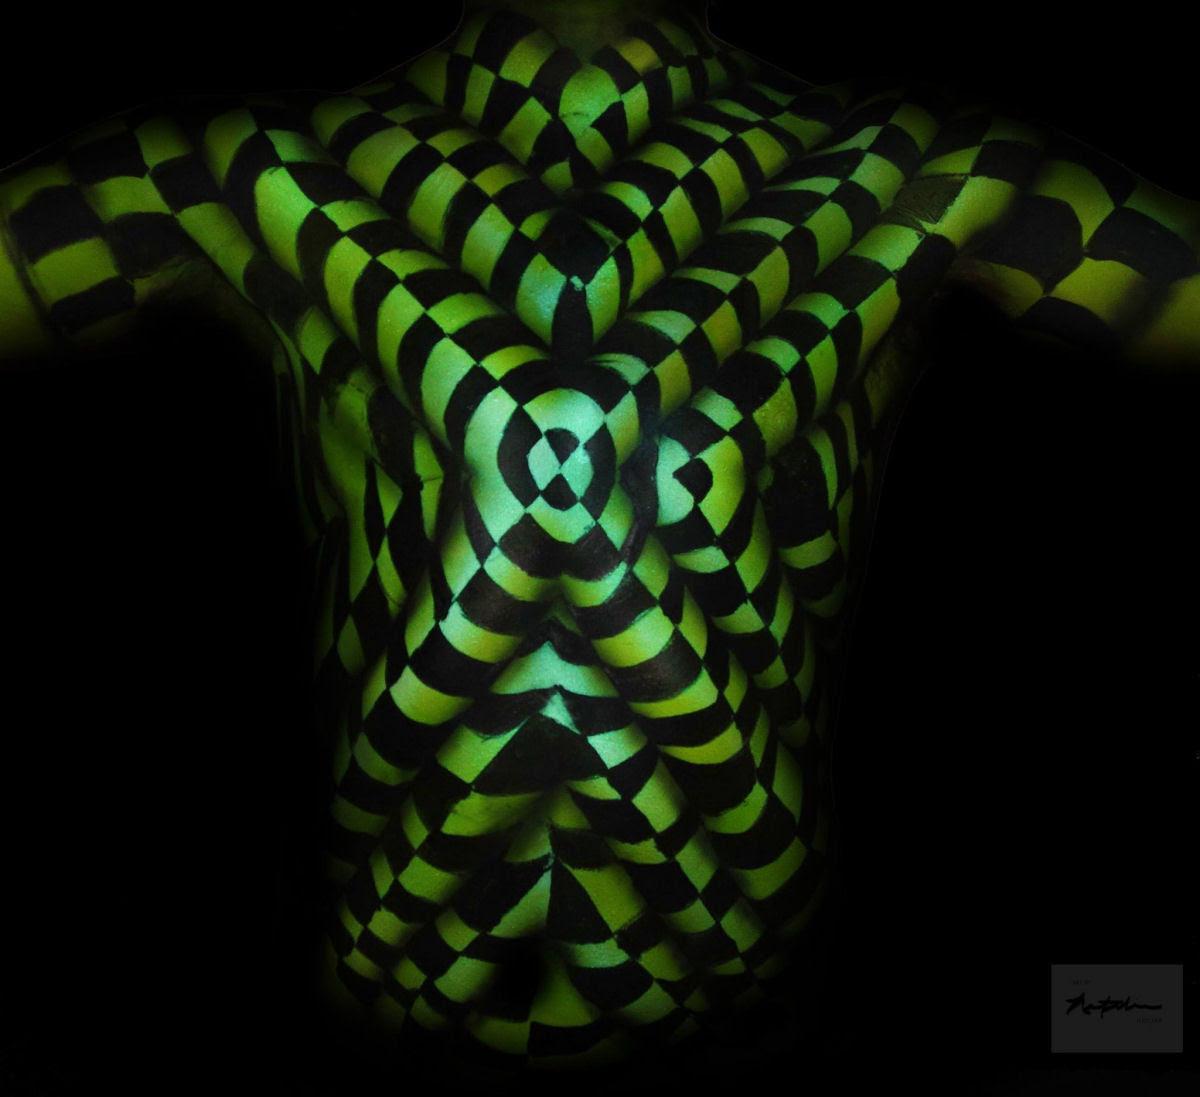 Artista transforma corpos humanos em incompreensíveis ilusões de óptica 03